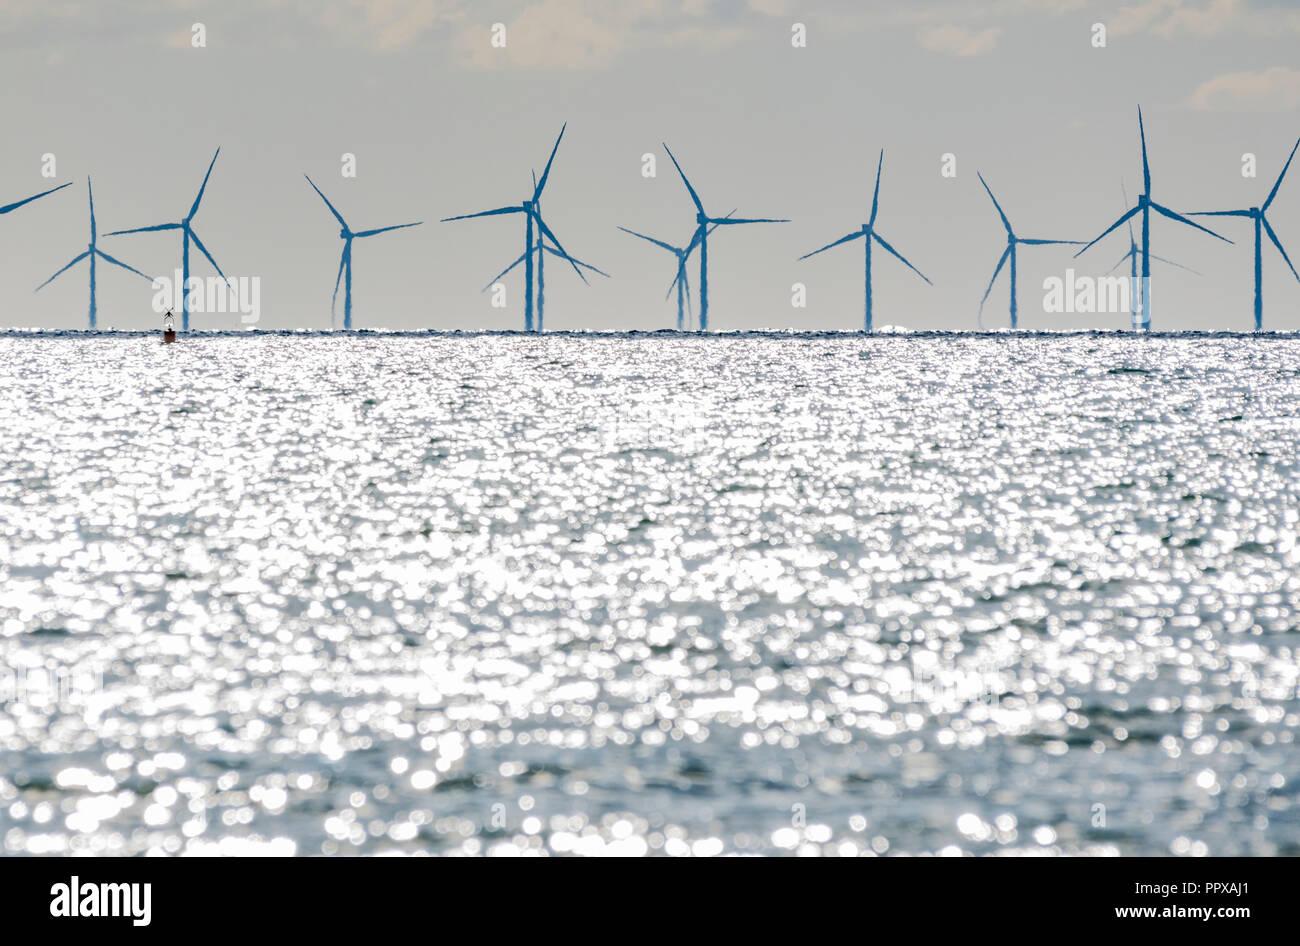 Rapunzeln Windpark Turbinen im Meer vor der Südküste von England, UK. Erneuerbare grüne Energie. Stockbild